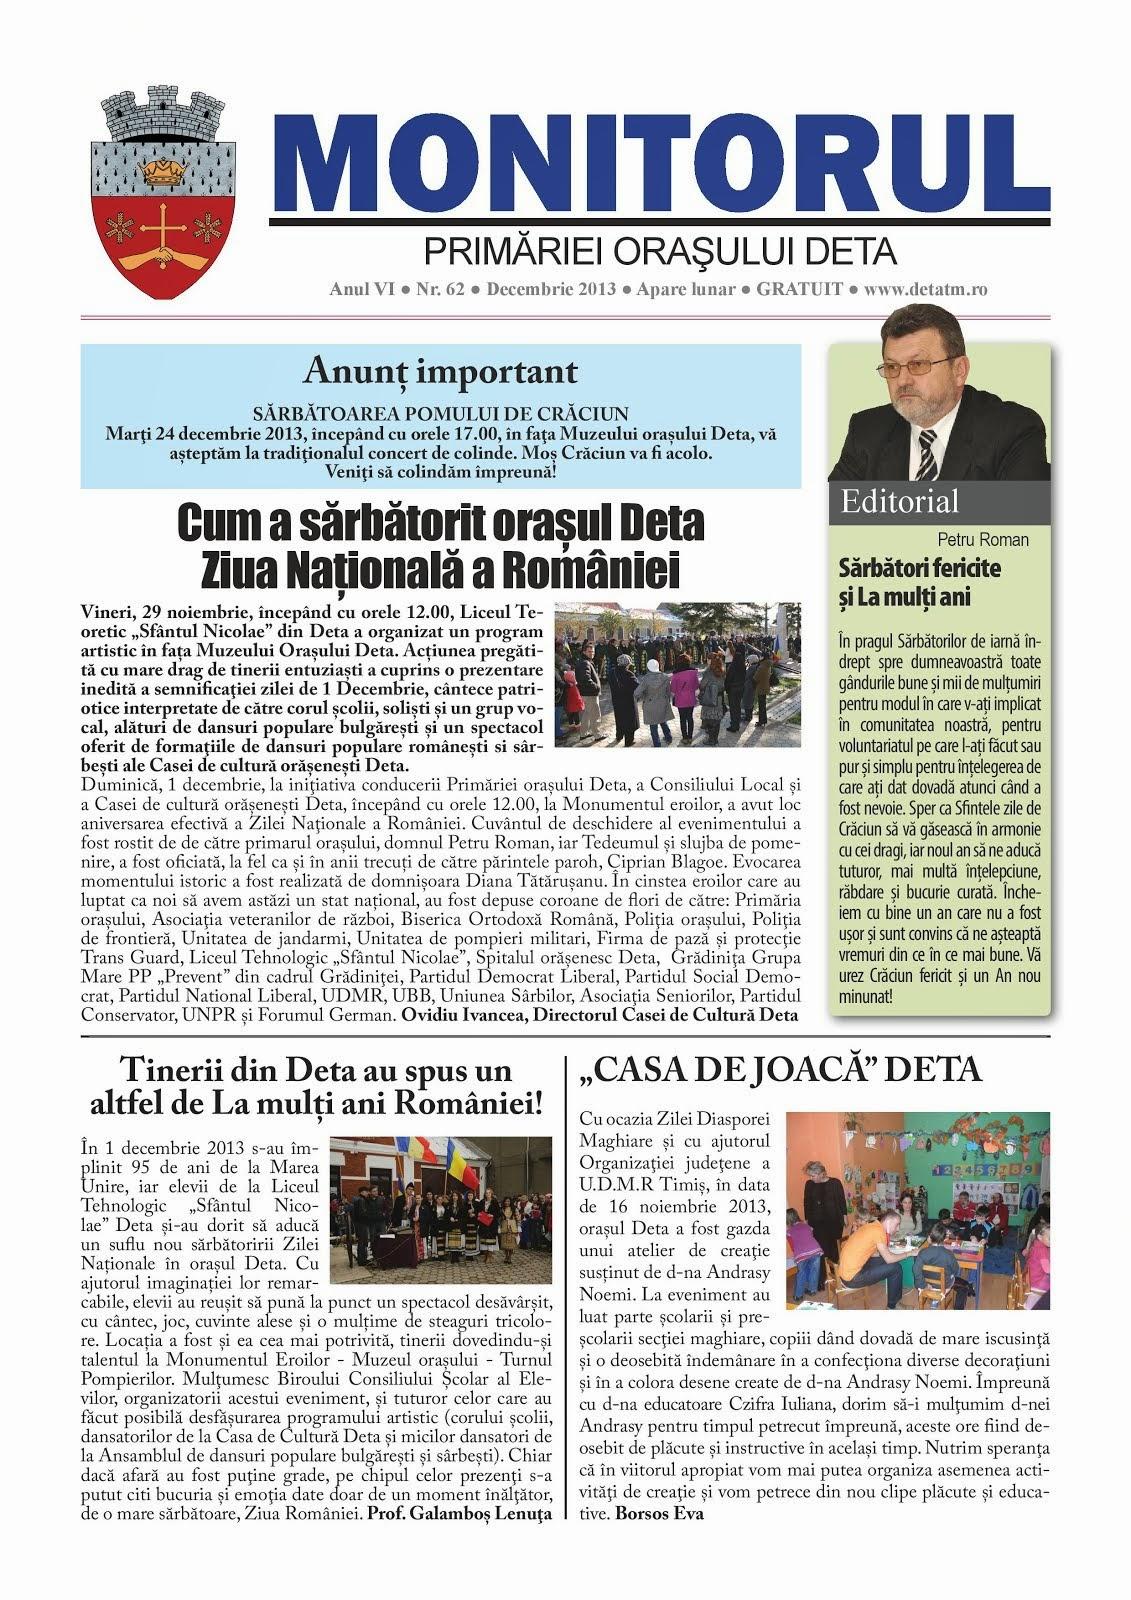 Monitorul - decembrie 2013